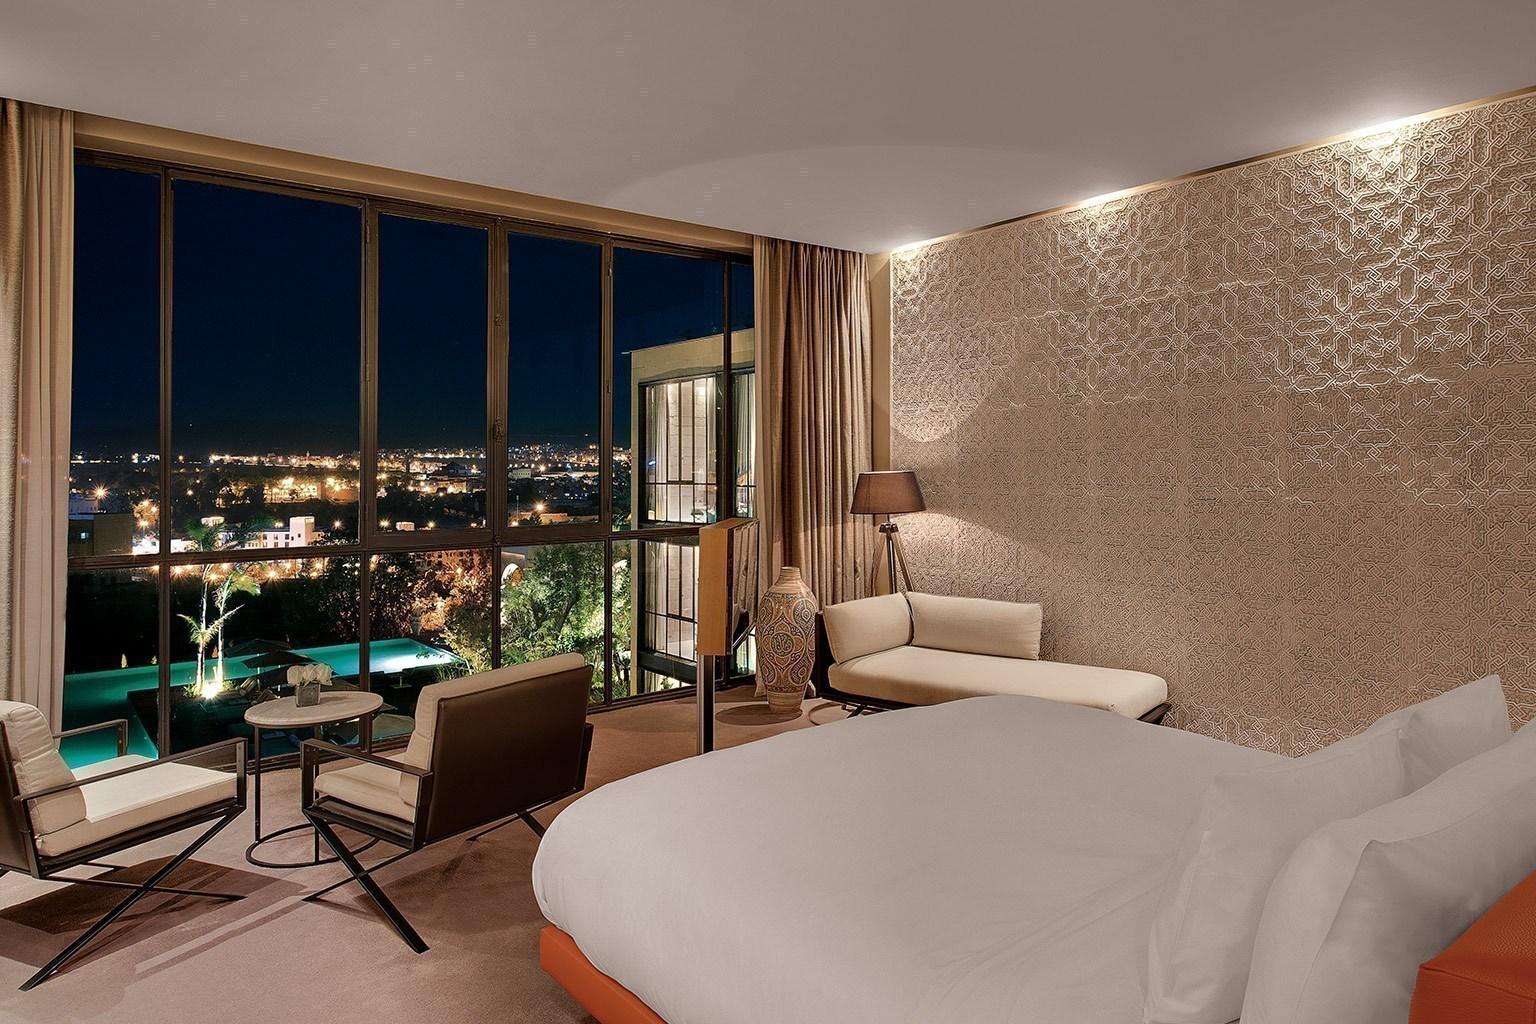 Hotel Mit Jacuzzi Im Zimmer Munchen